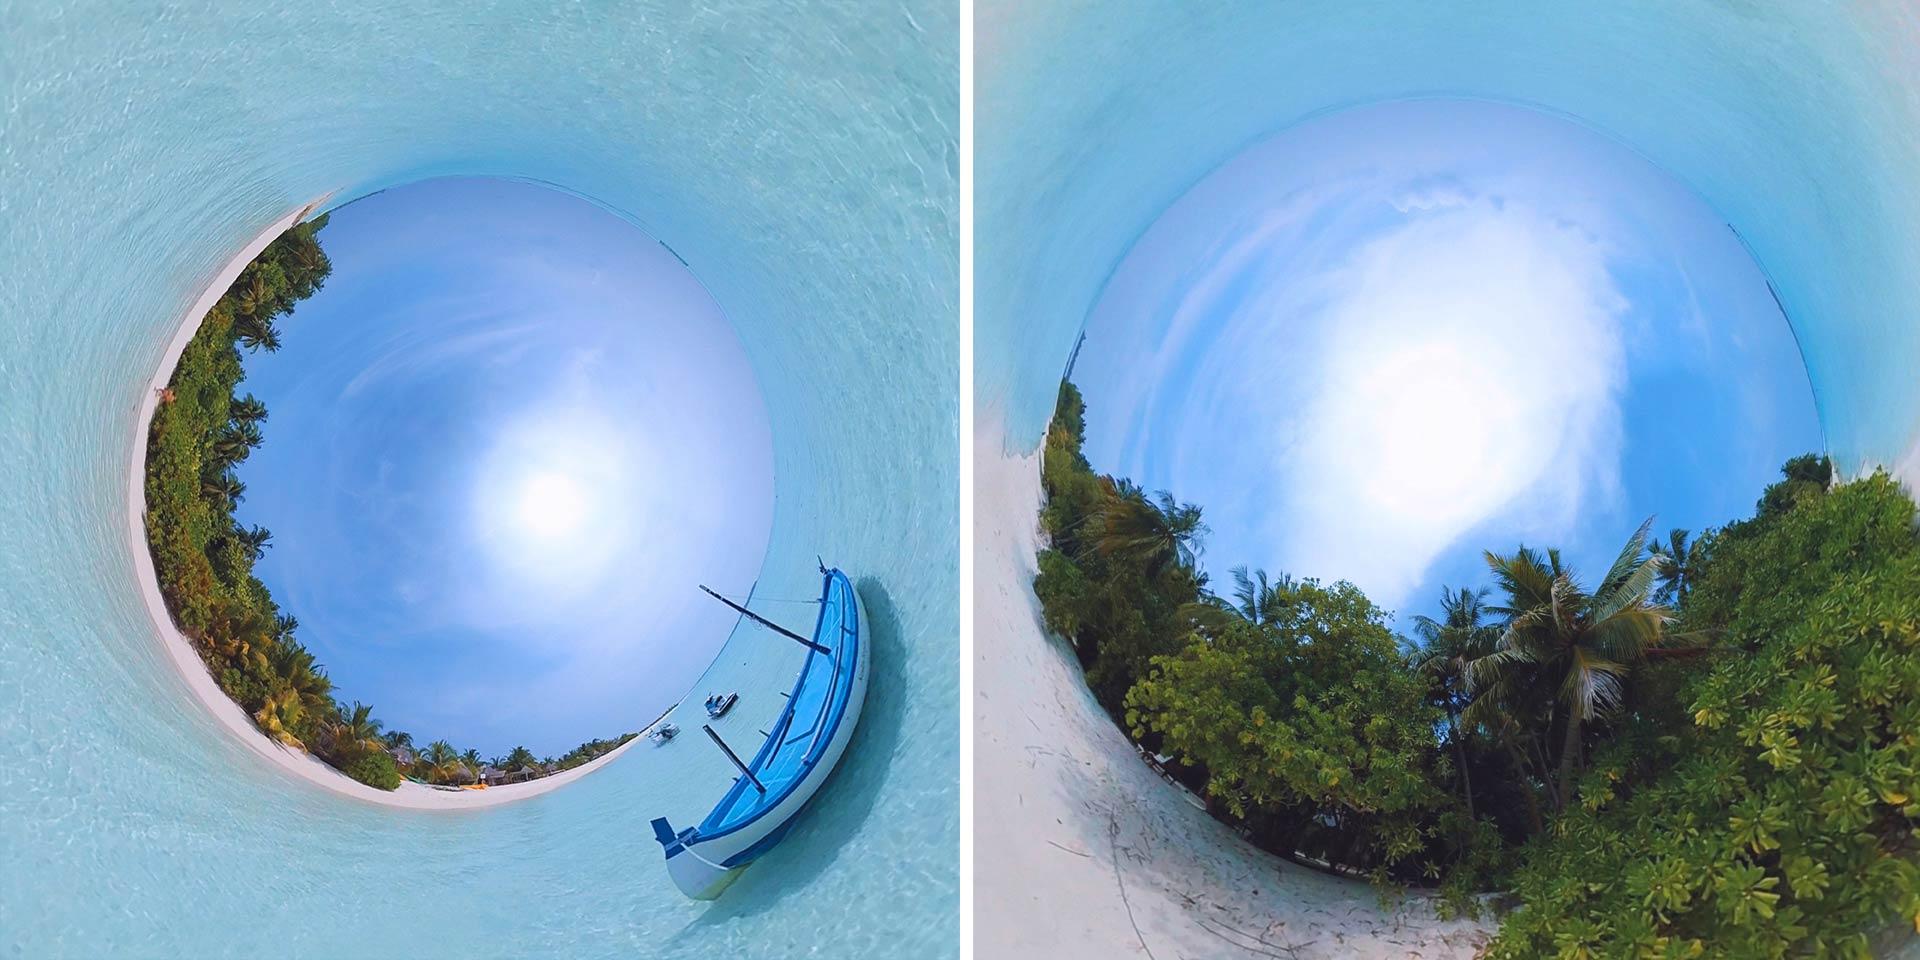 Съемка интересных 360-градусных фото без штативов и других устройств